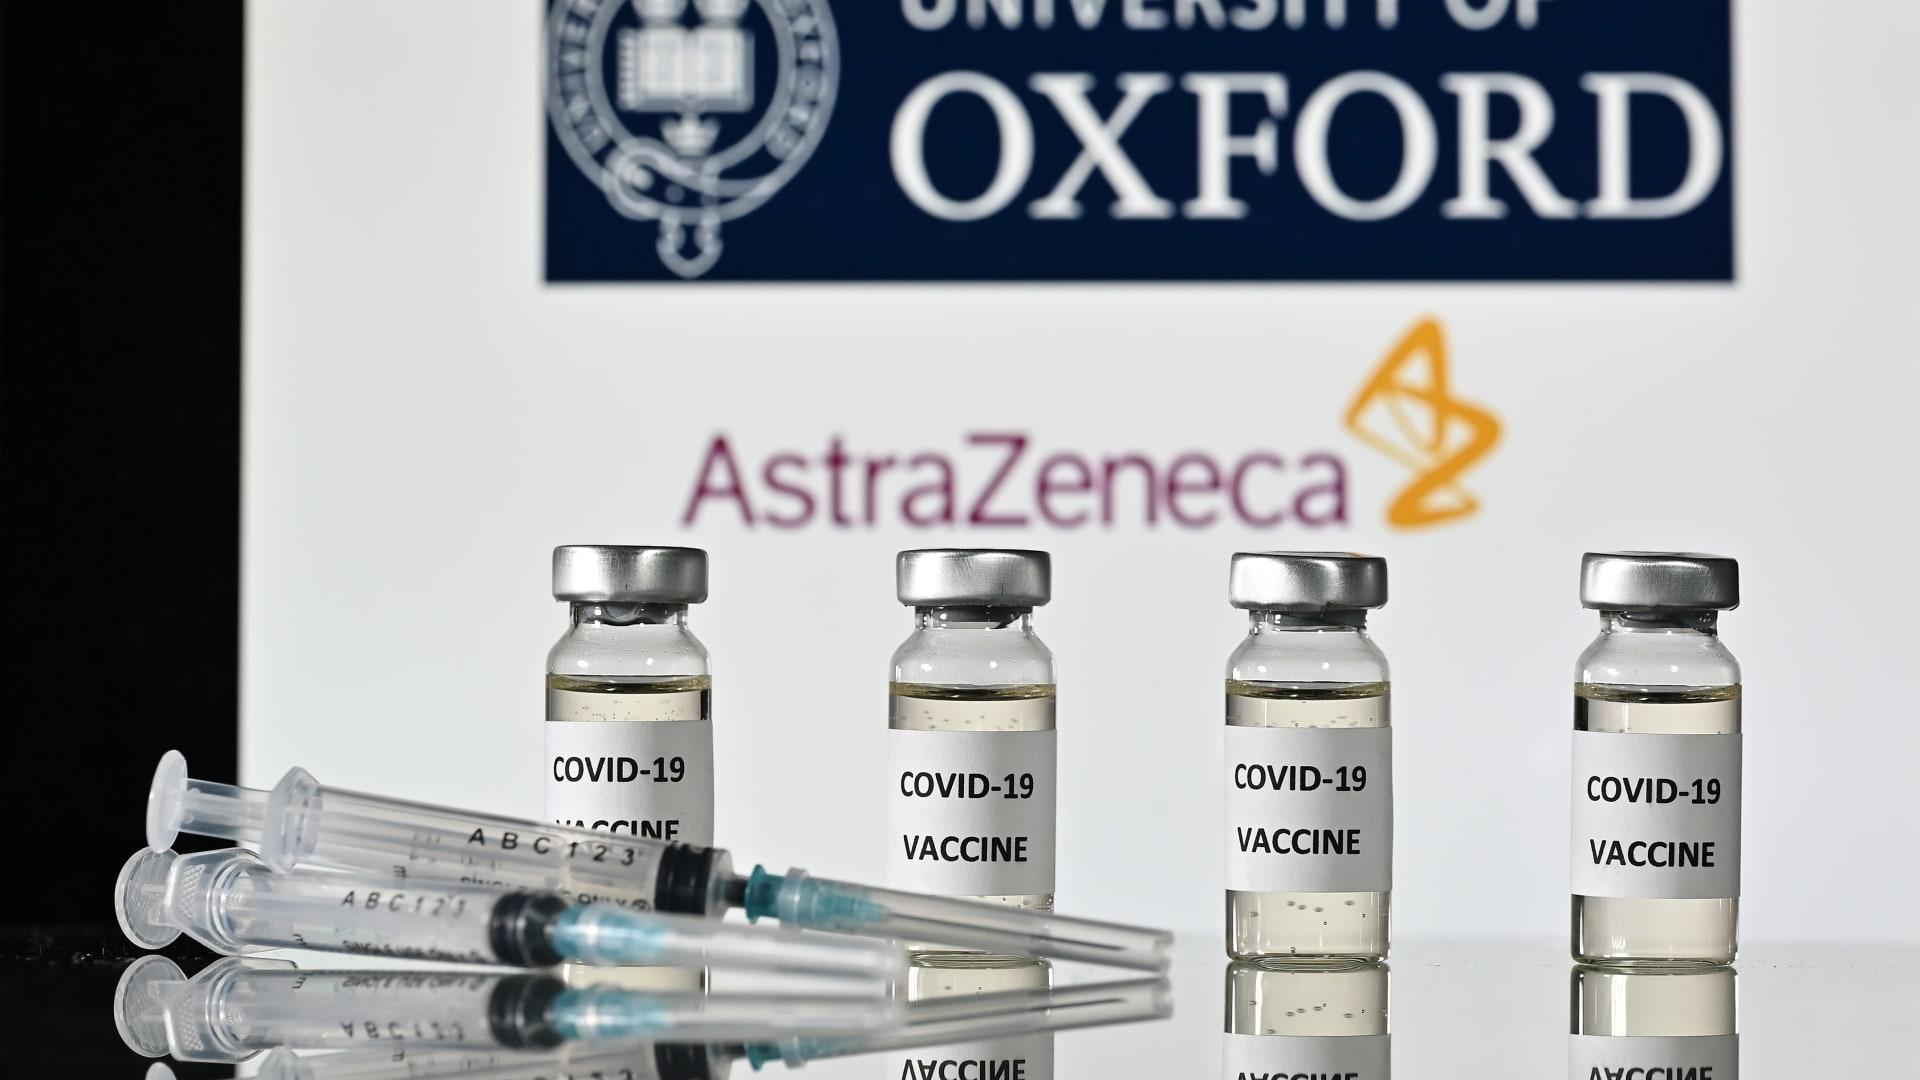 عالم بجامعة أكسفورد يتحدث عن توفر لقاحات جديدة لفيروس كورونا